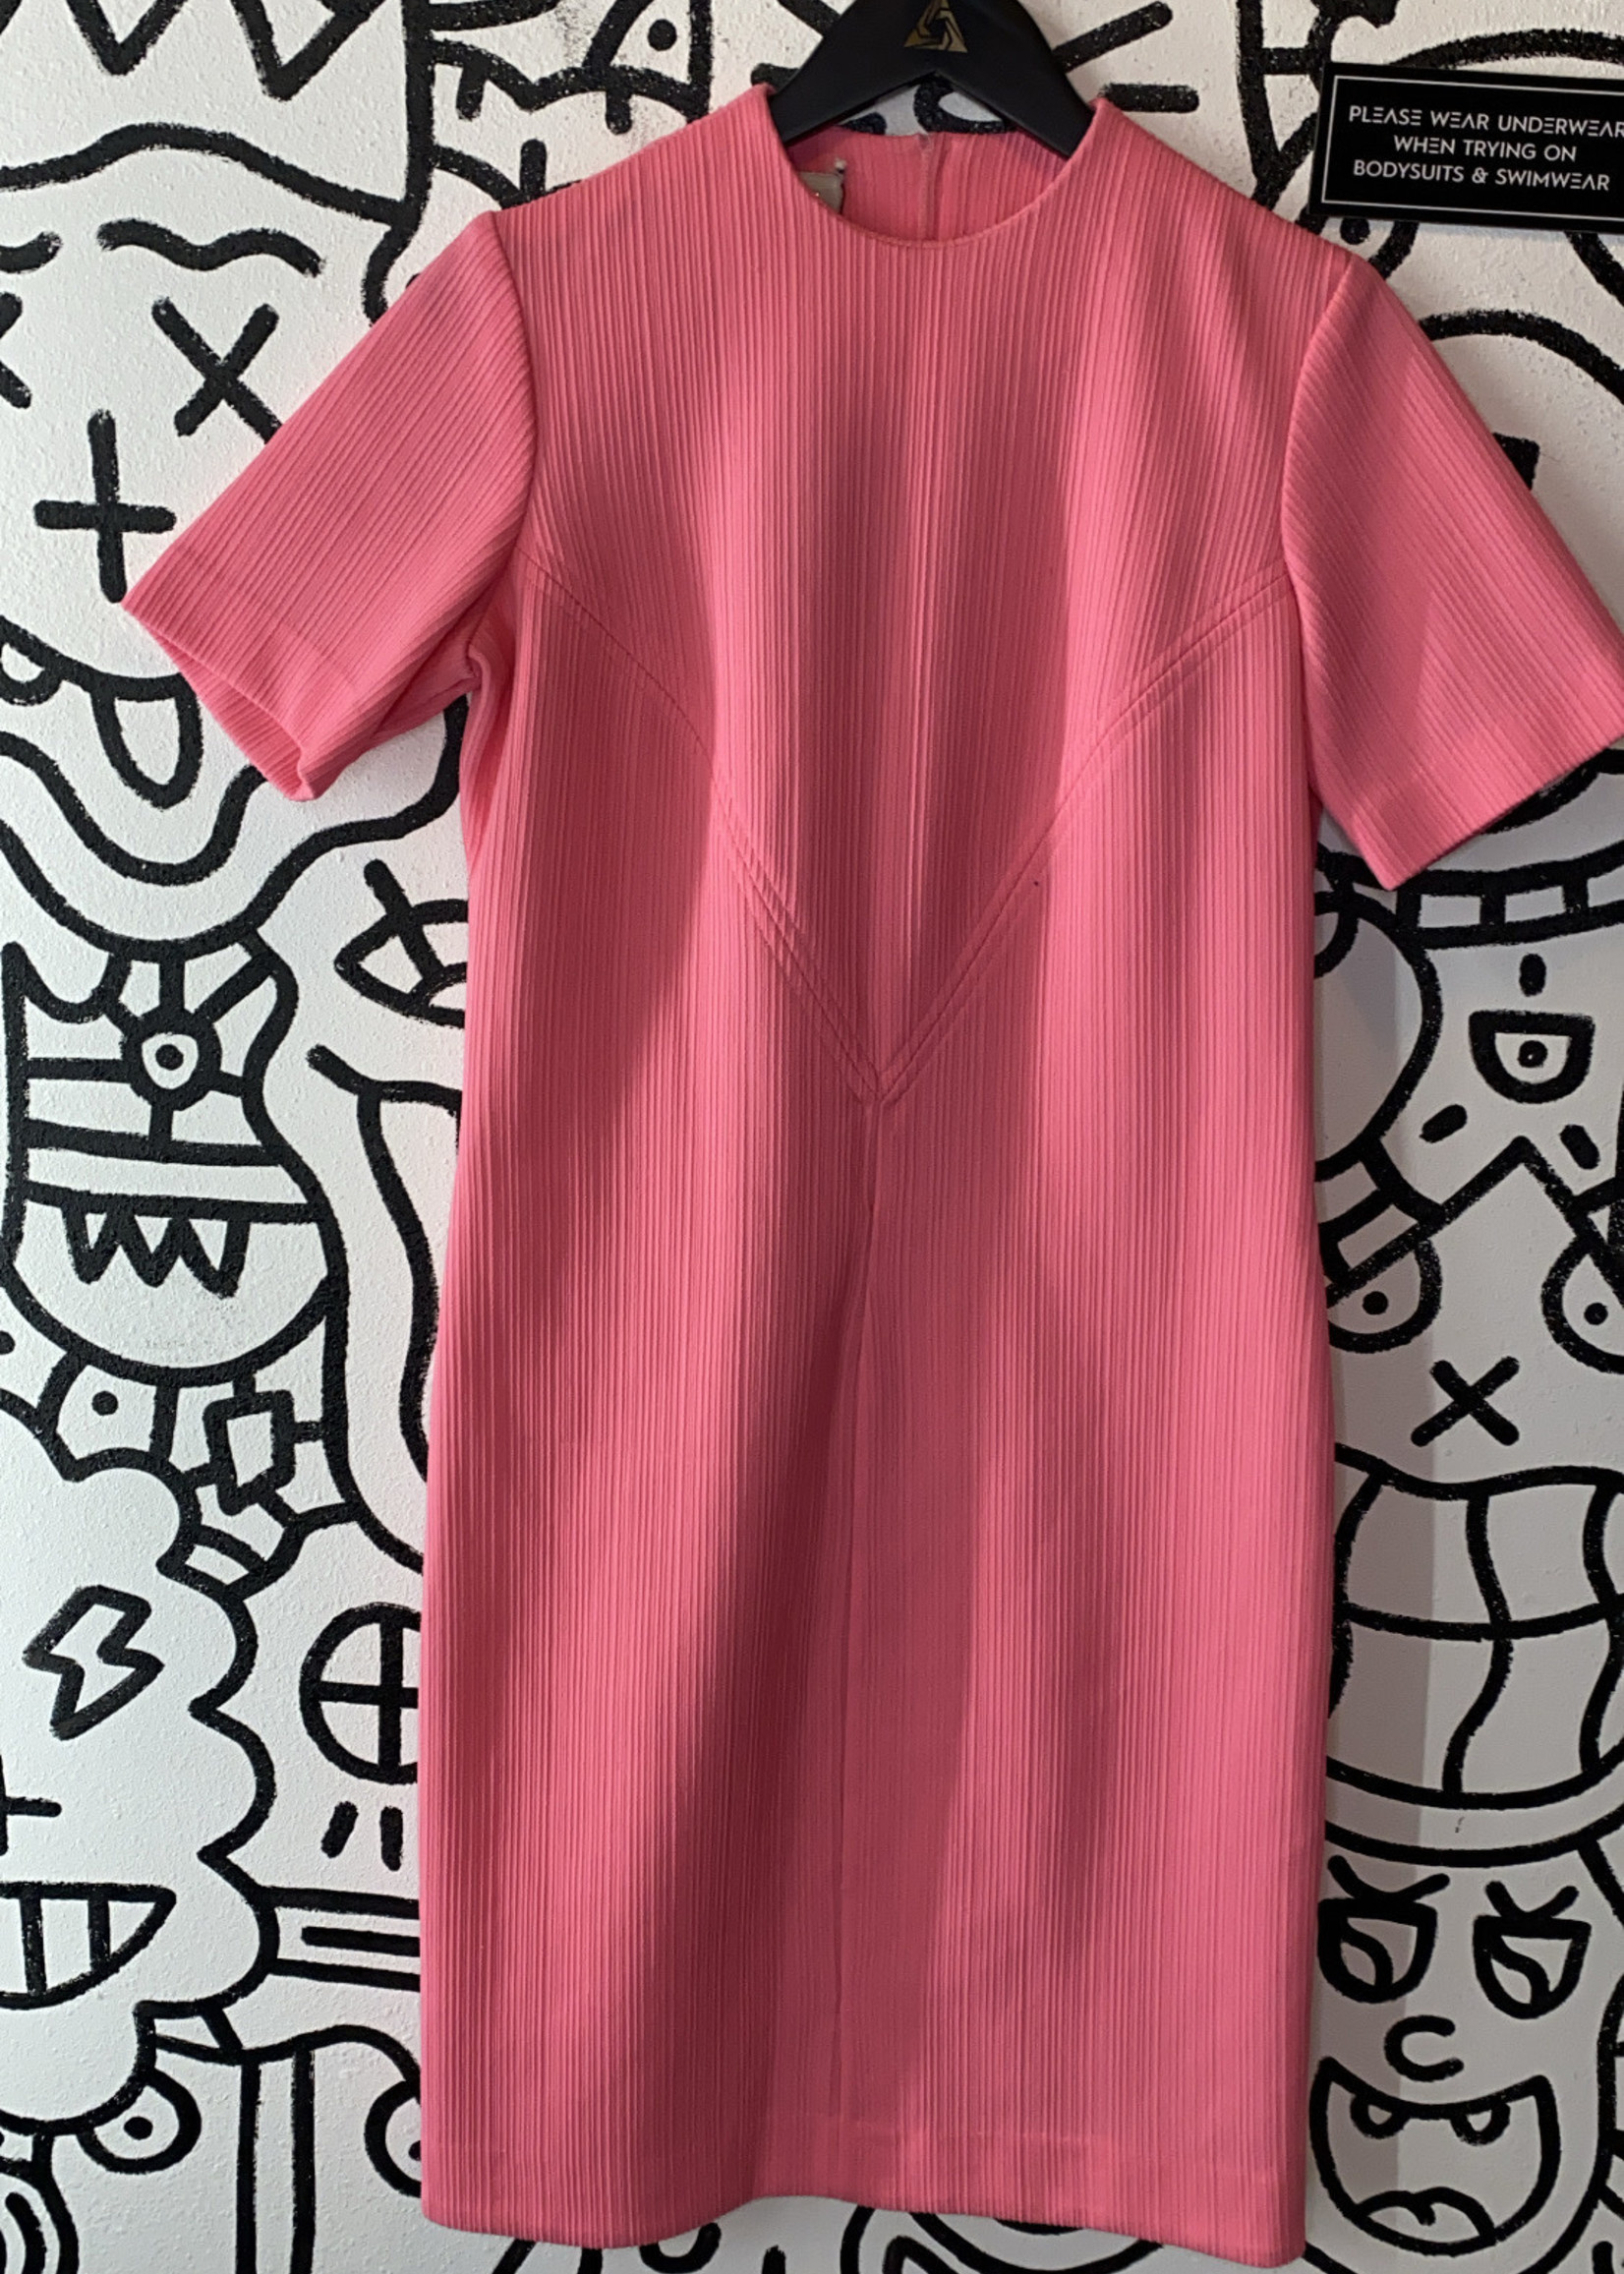 Vintage Richard Harwood Pink Short Sleeve Dress S